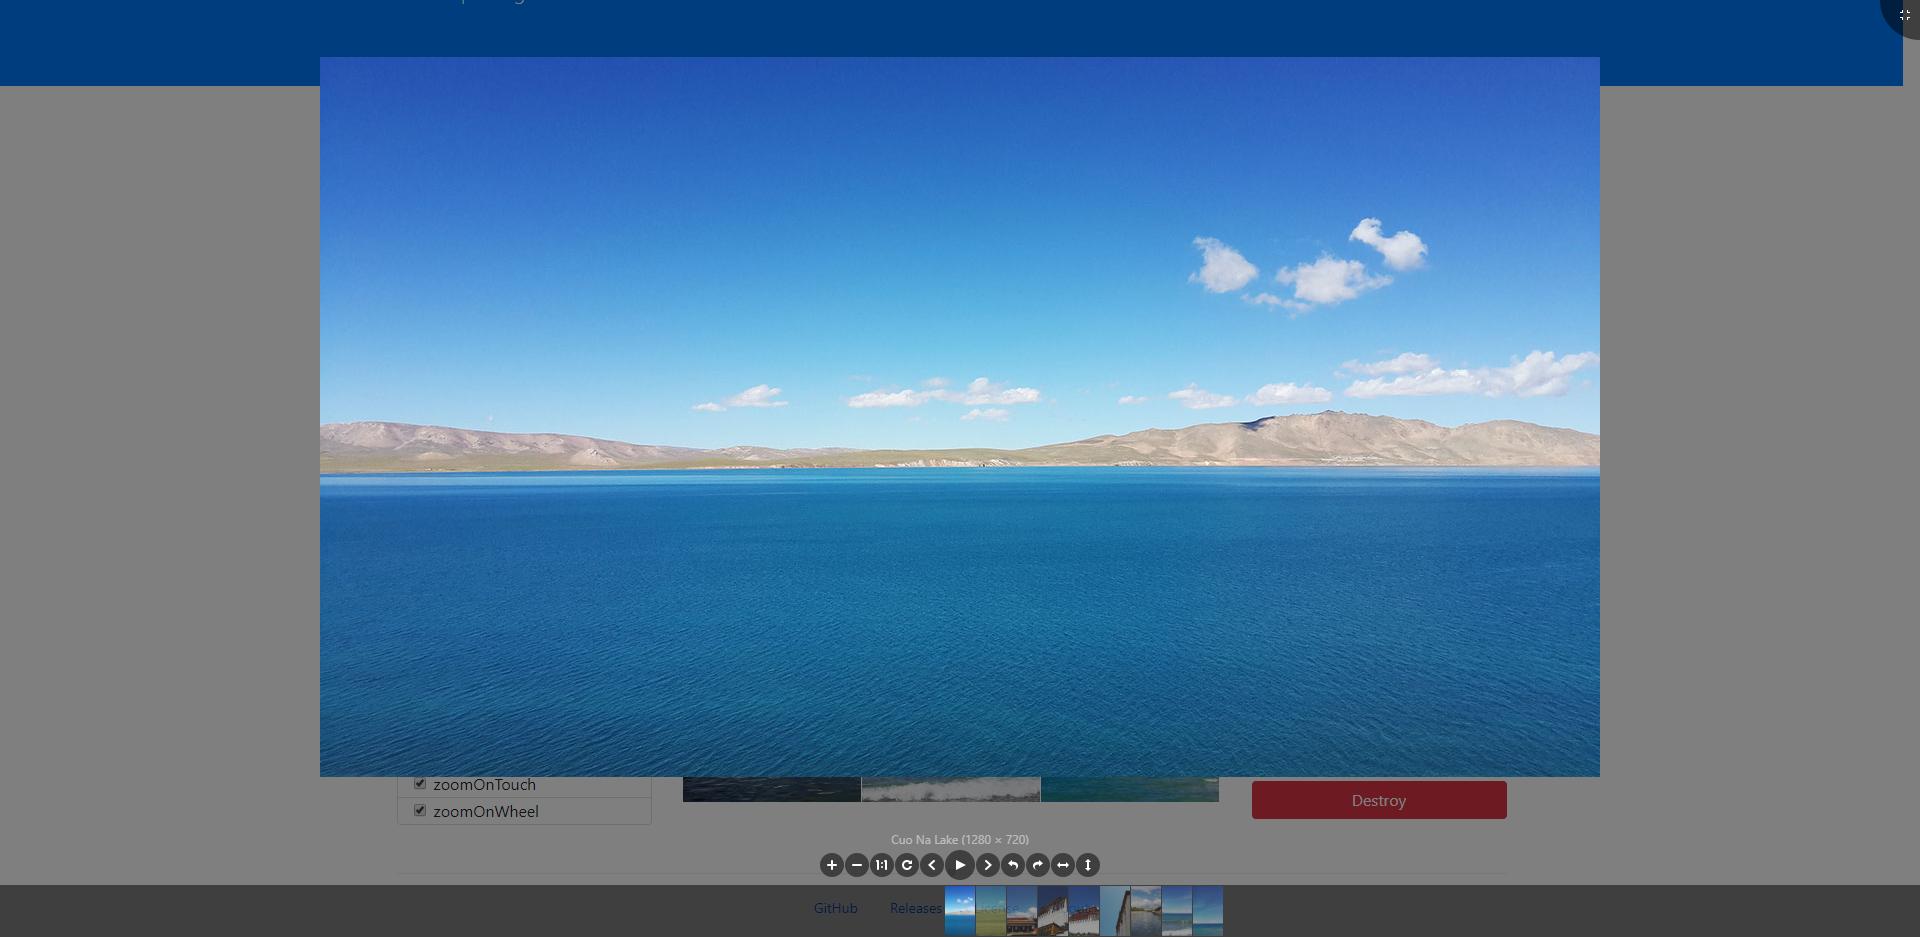 优秀的Web图片预览+图片裁剪插件,分享给需要的开发者